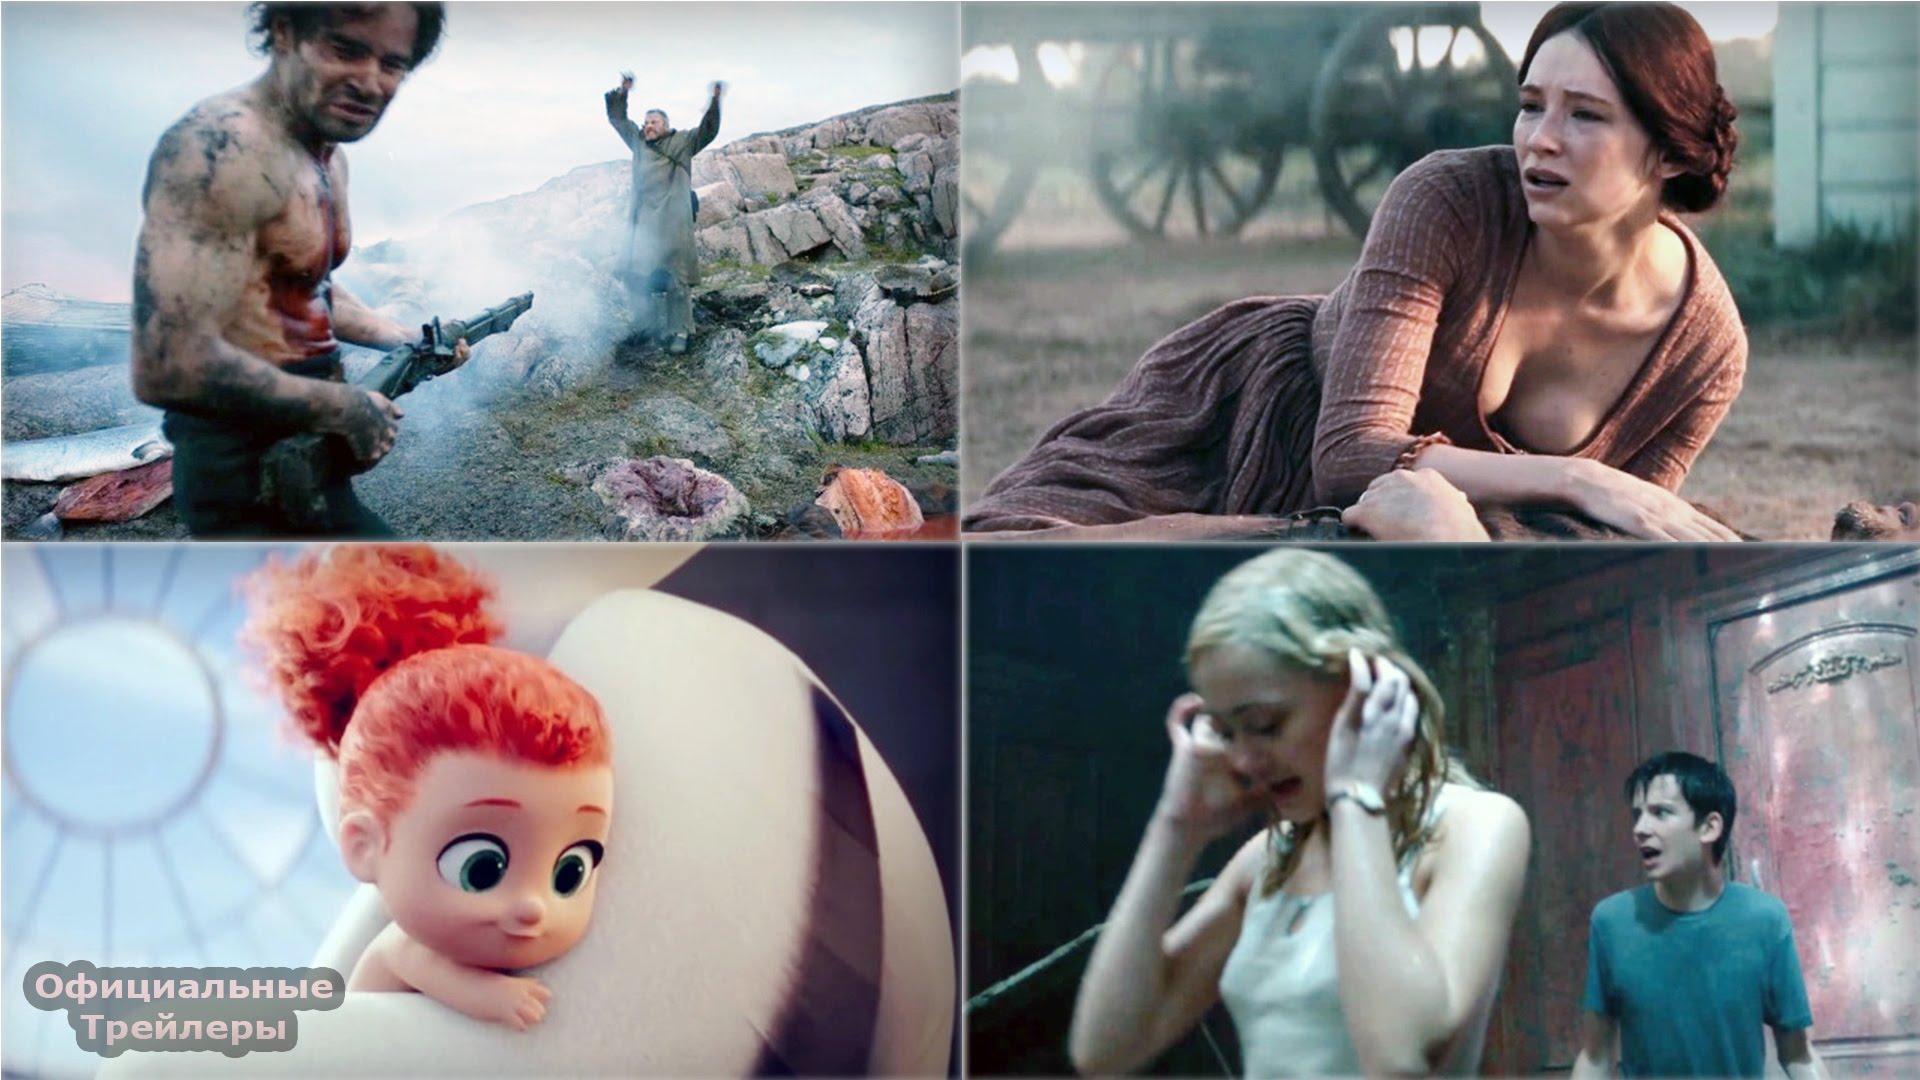 Смотреть трейлеры фильмов 20152016 на русском языке онлайн